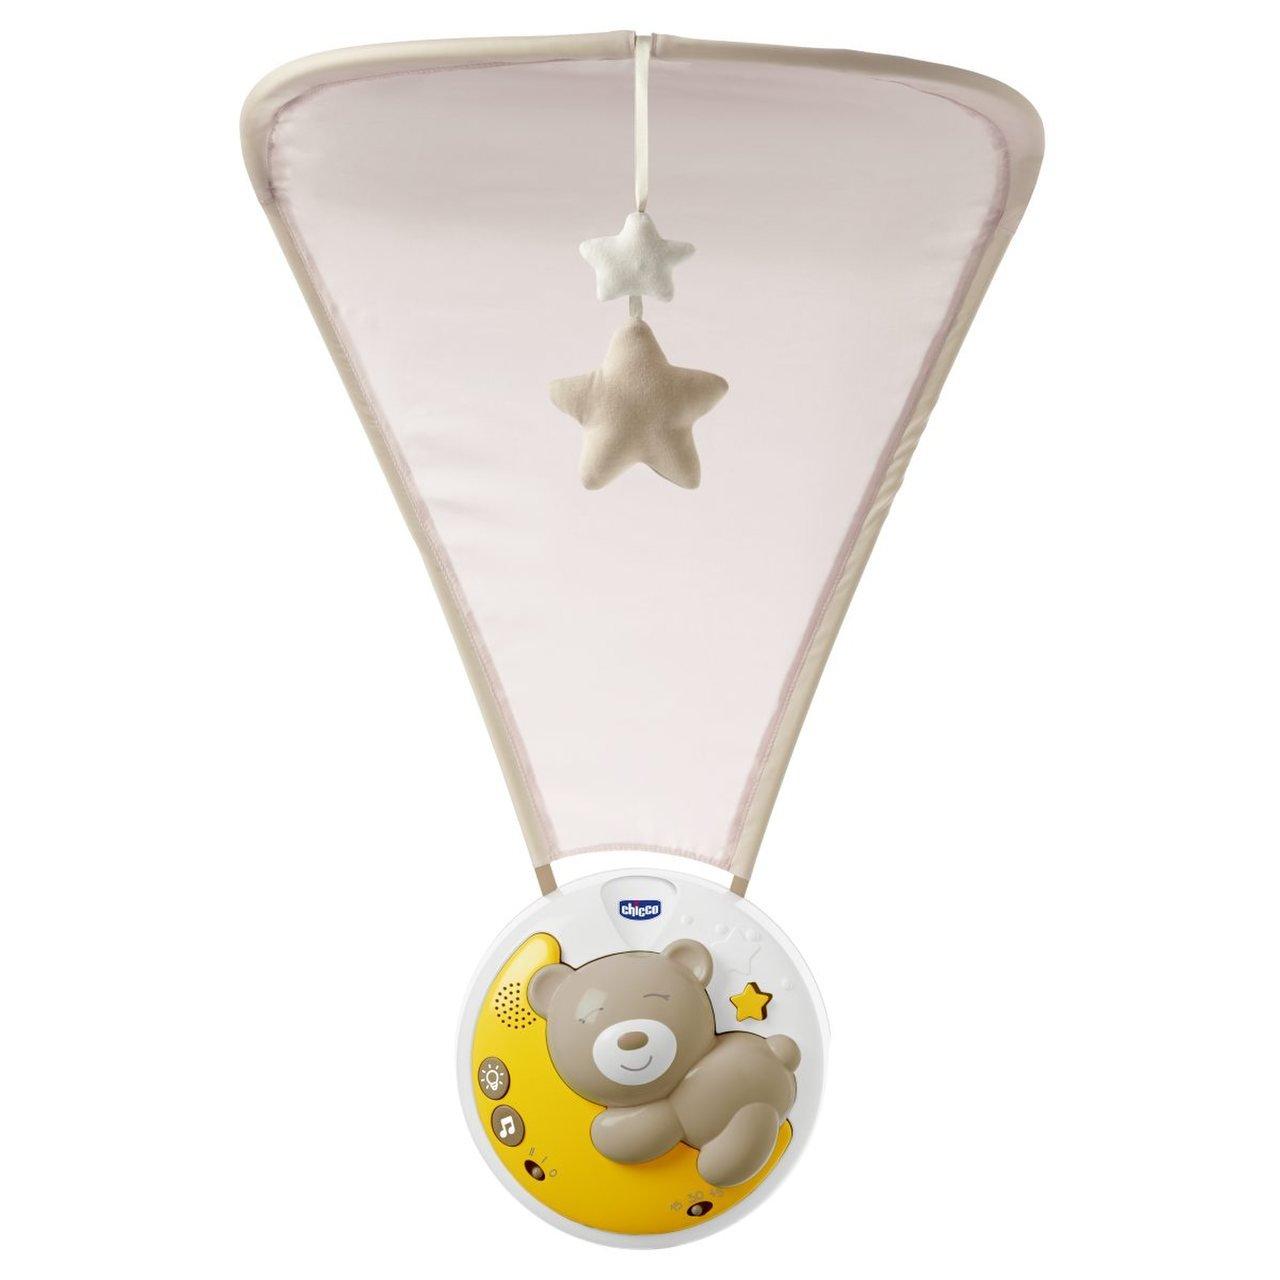 Projektor s baldachýmem Next 2 Moon šedá - zvìtšit obrázek